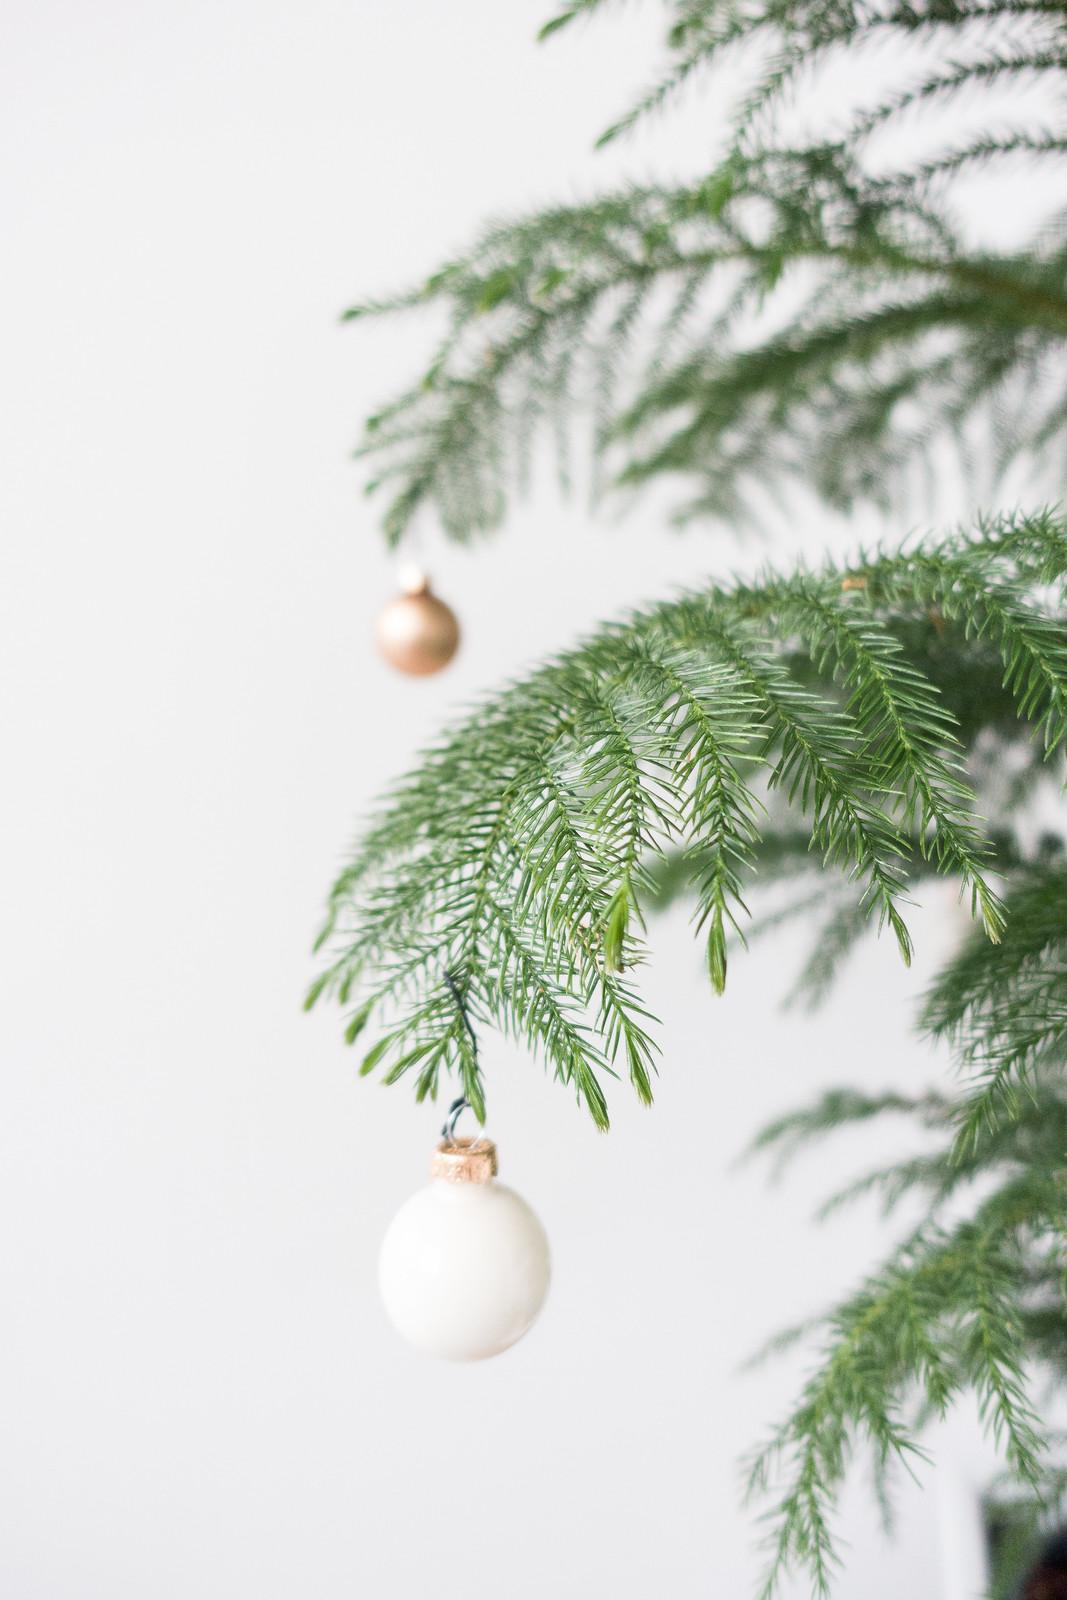 A Zero Waste Christmas